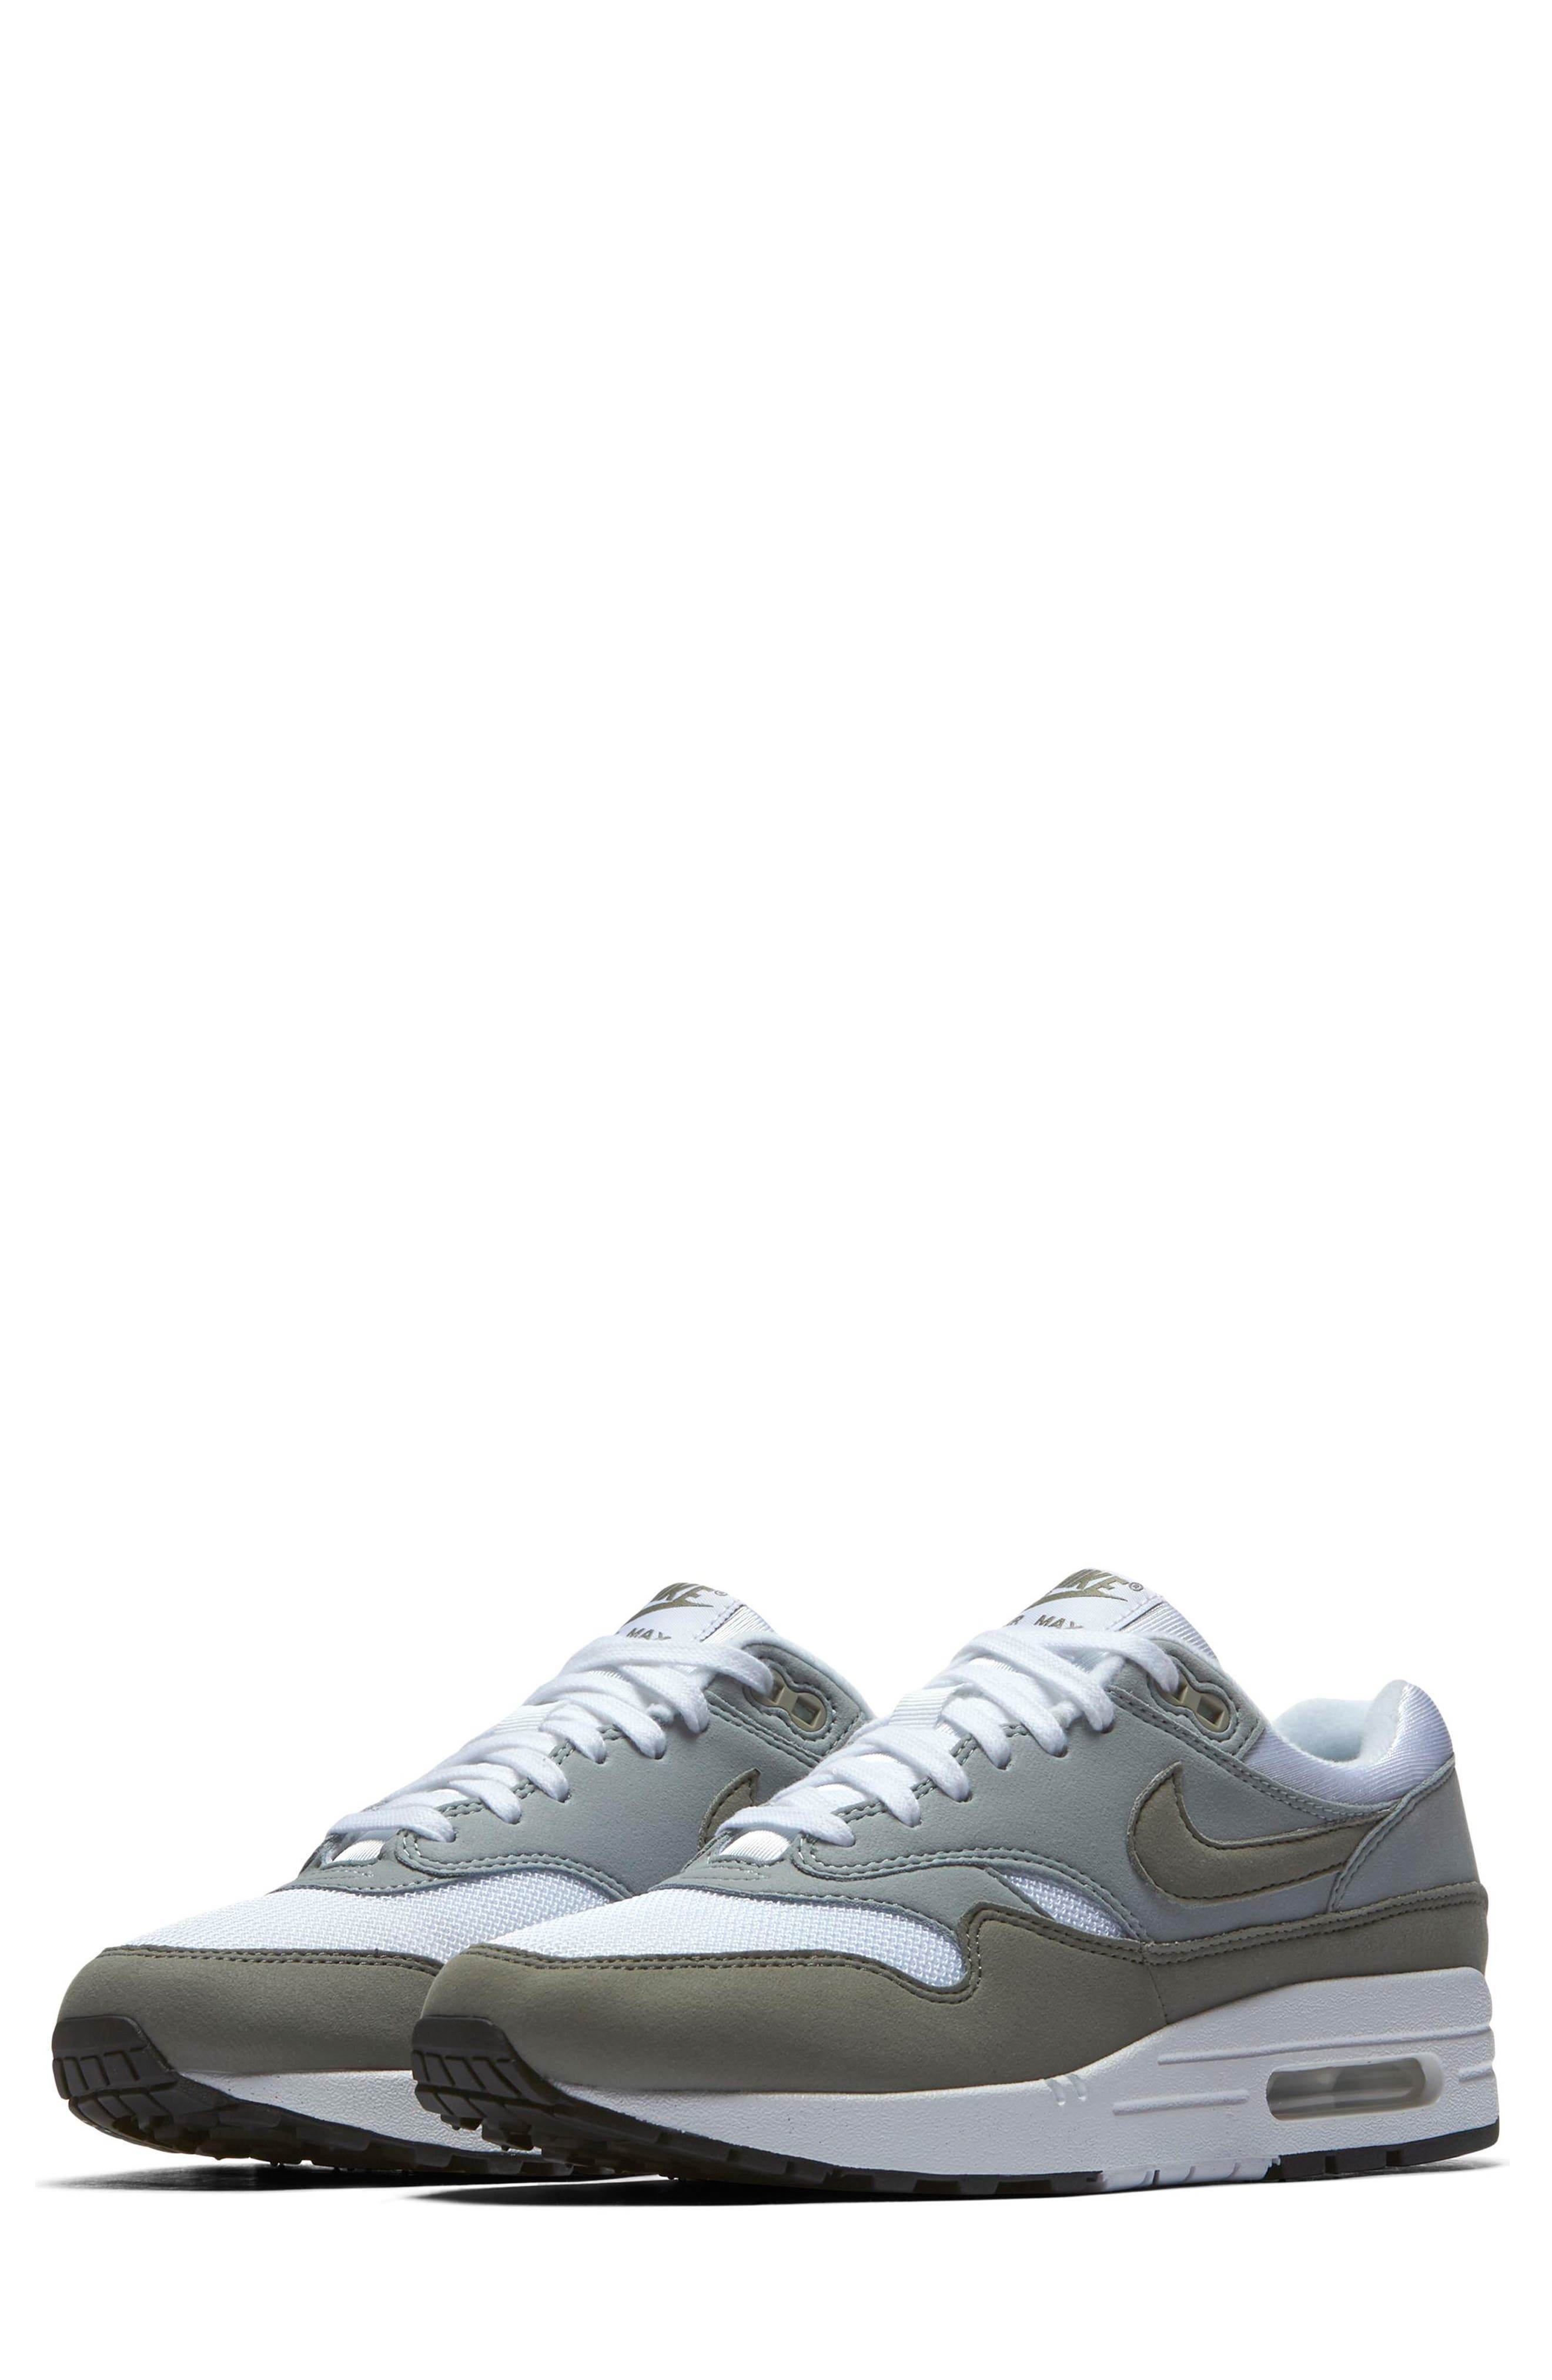 Air Max 1 Sneaker,                             Main thumbnail 1, color,                             White/ Dark Stucco